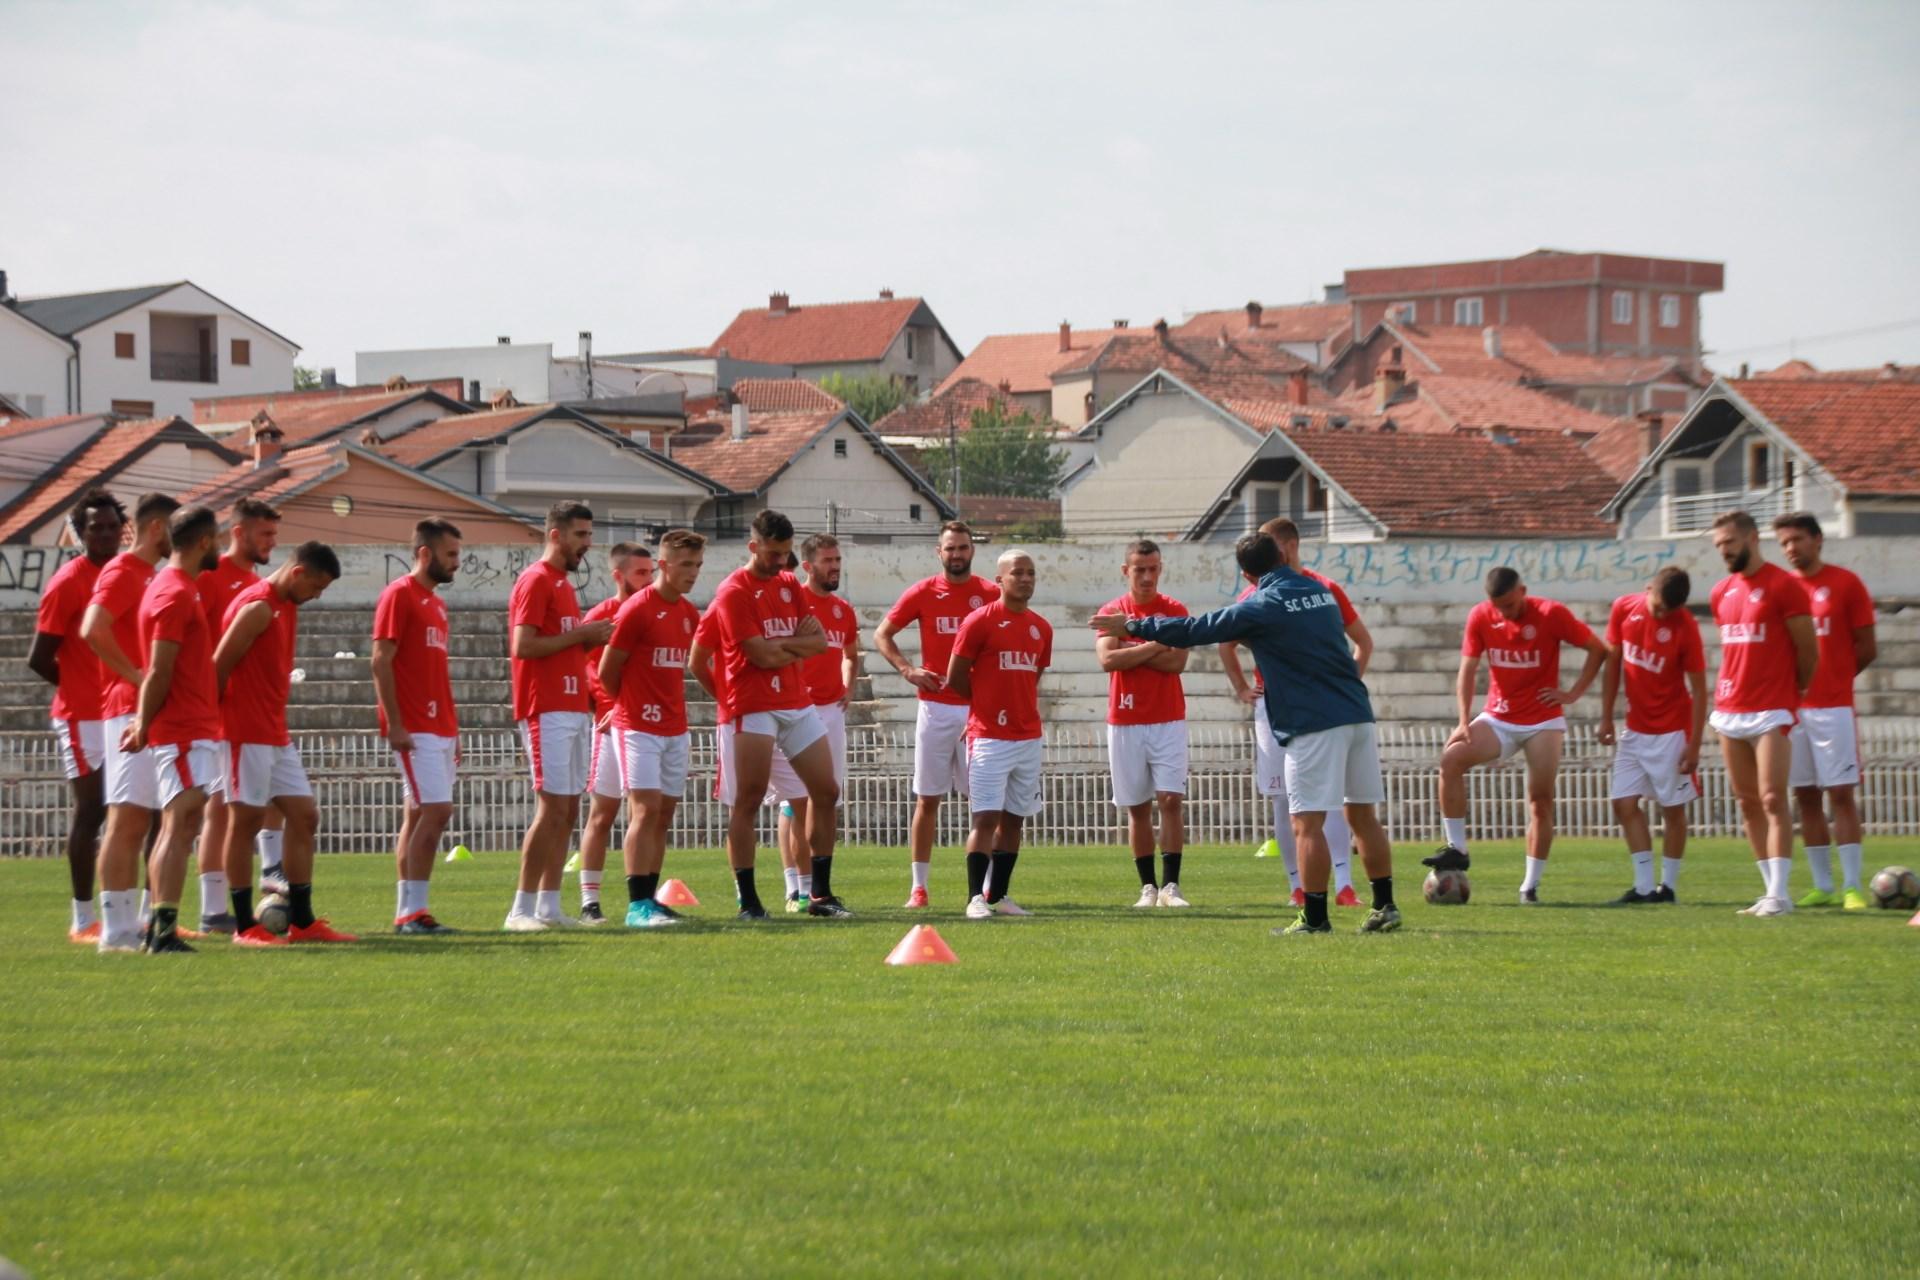 Nesër sfidat e Gjilanit dhe Dritës, klubet gjilanase hyjnë për fitore